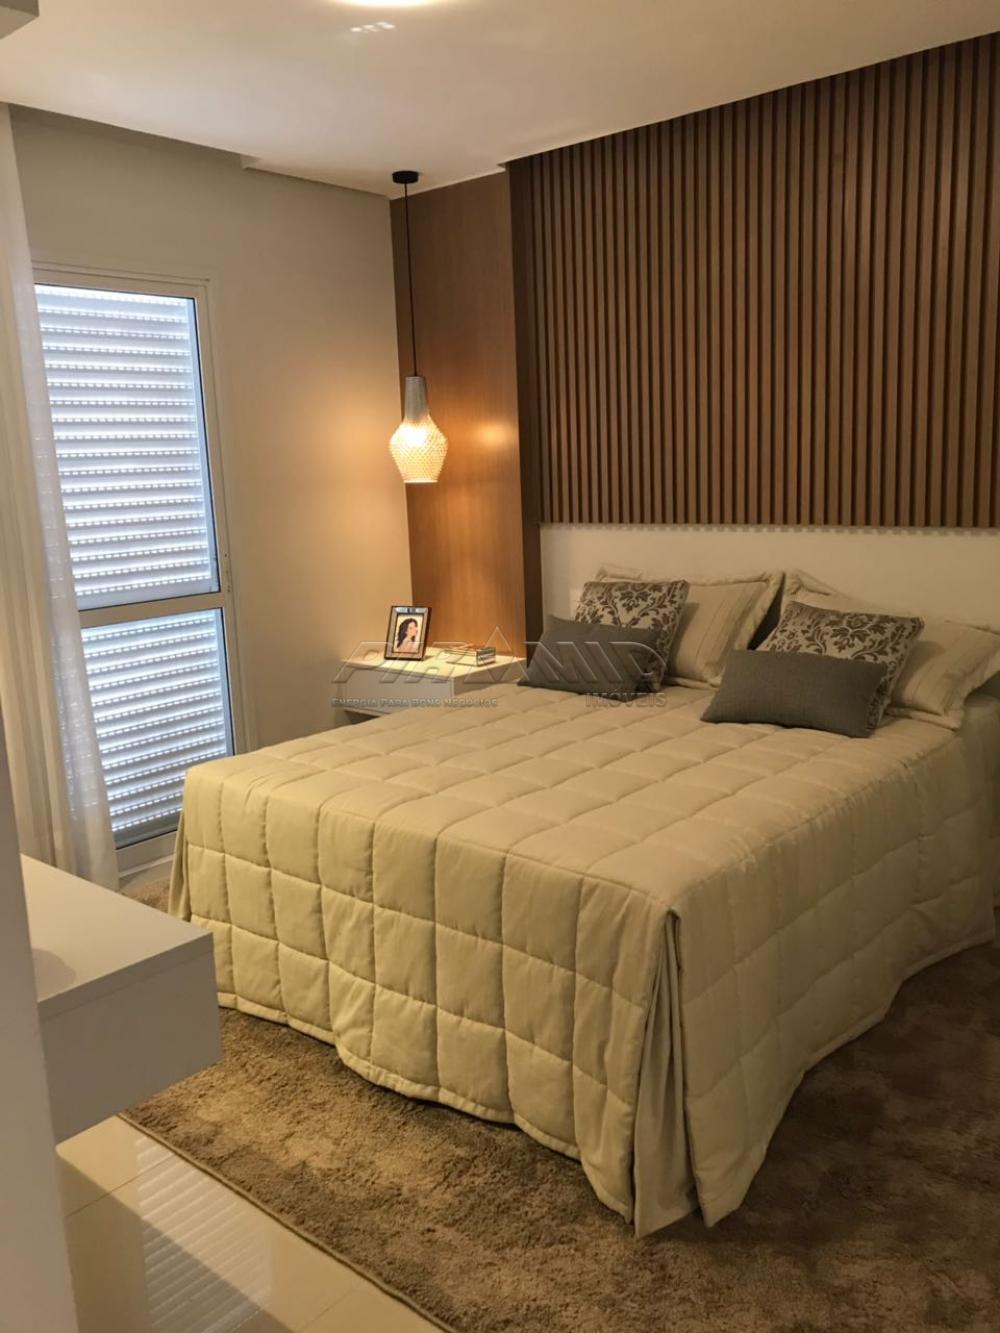 Comprar Apartamento / Padrão em Ribeirão Preto apenas R$ 624.100,00 - Foto 6